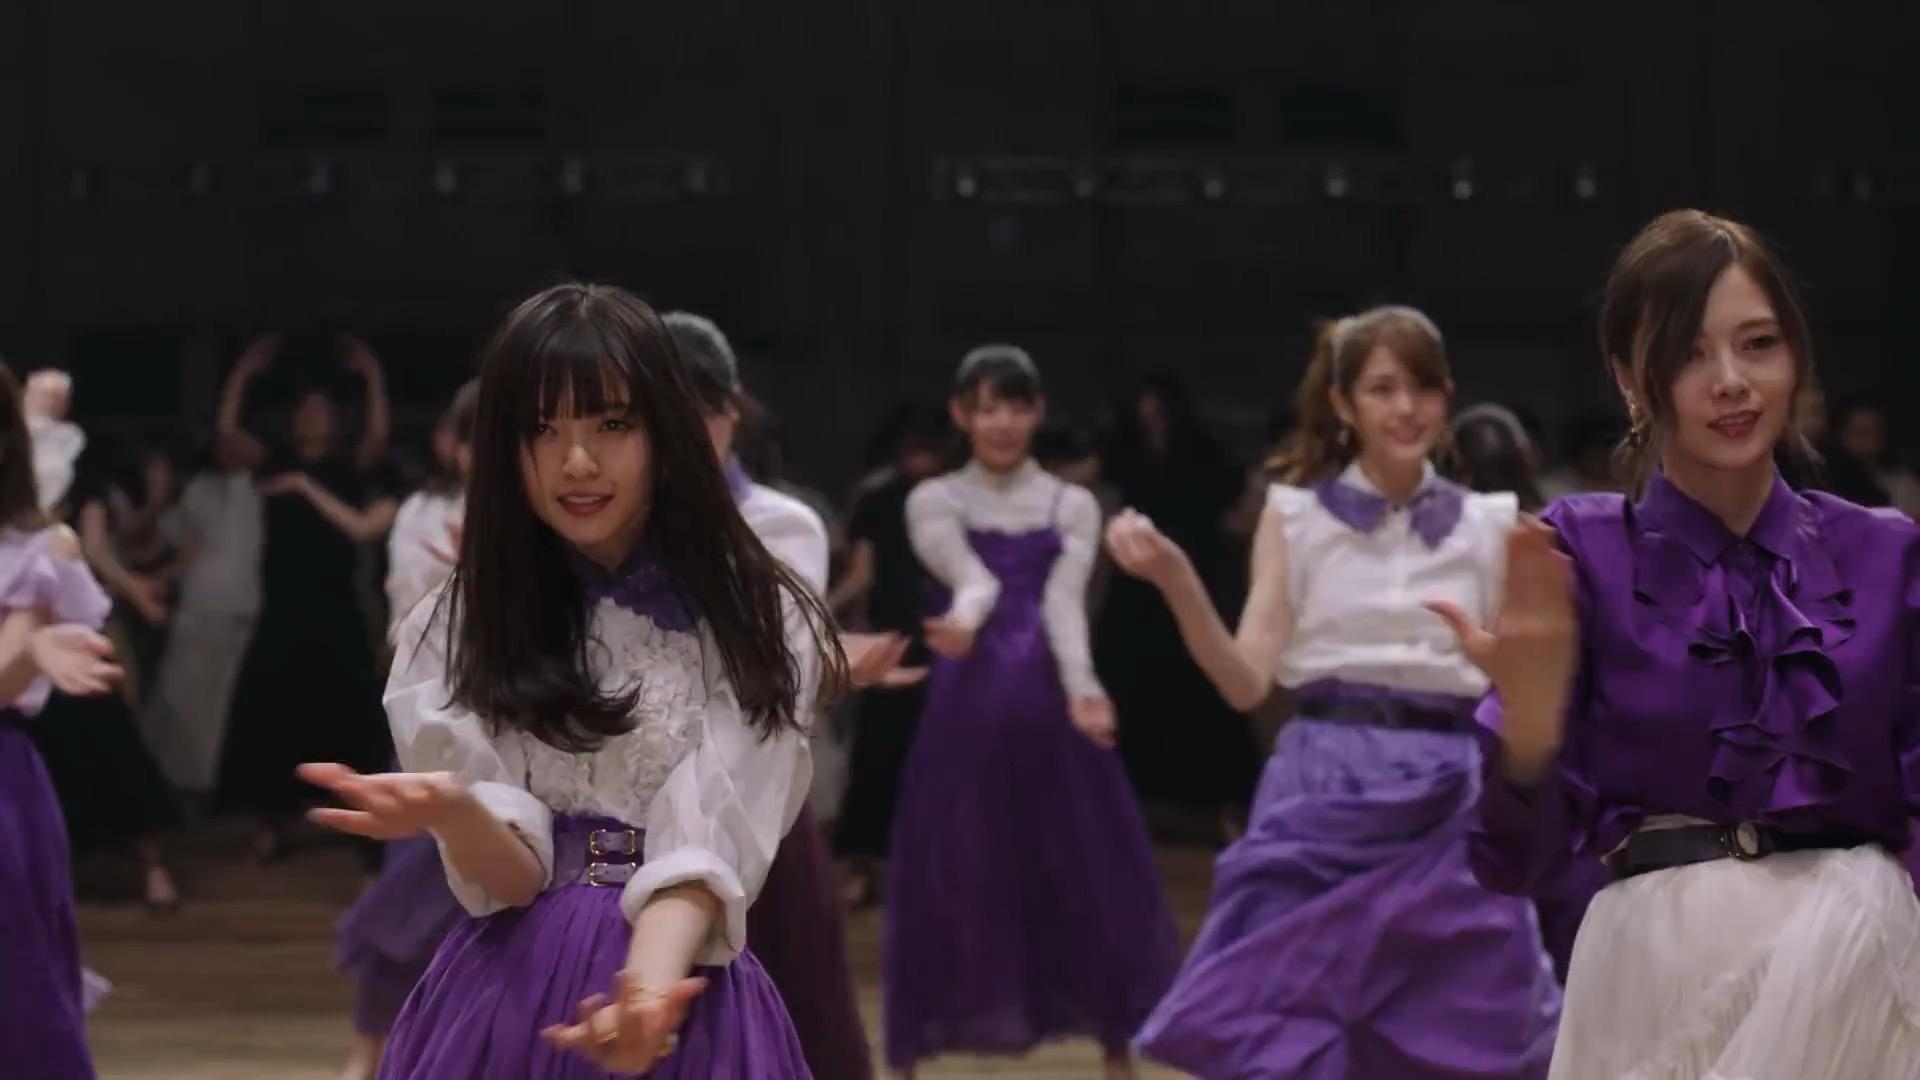 乃木坂46「Sing Out!」MV 阪口珠美